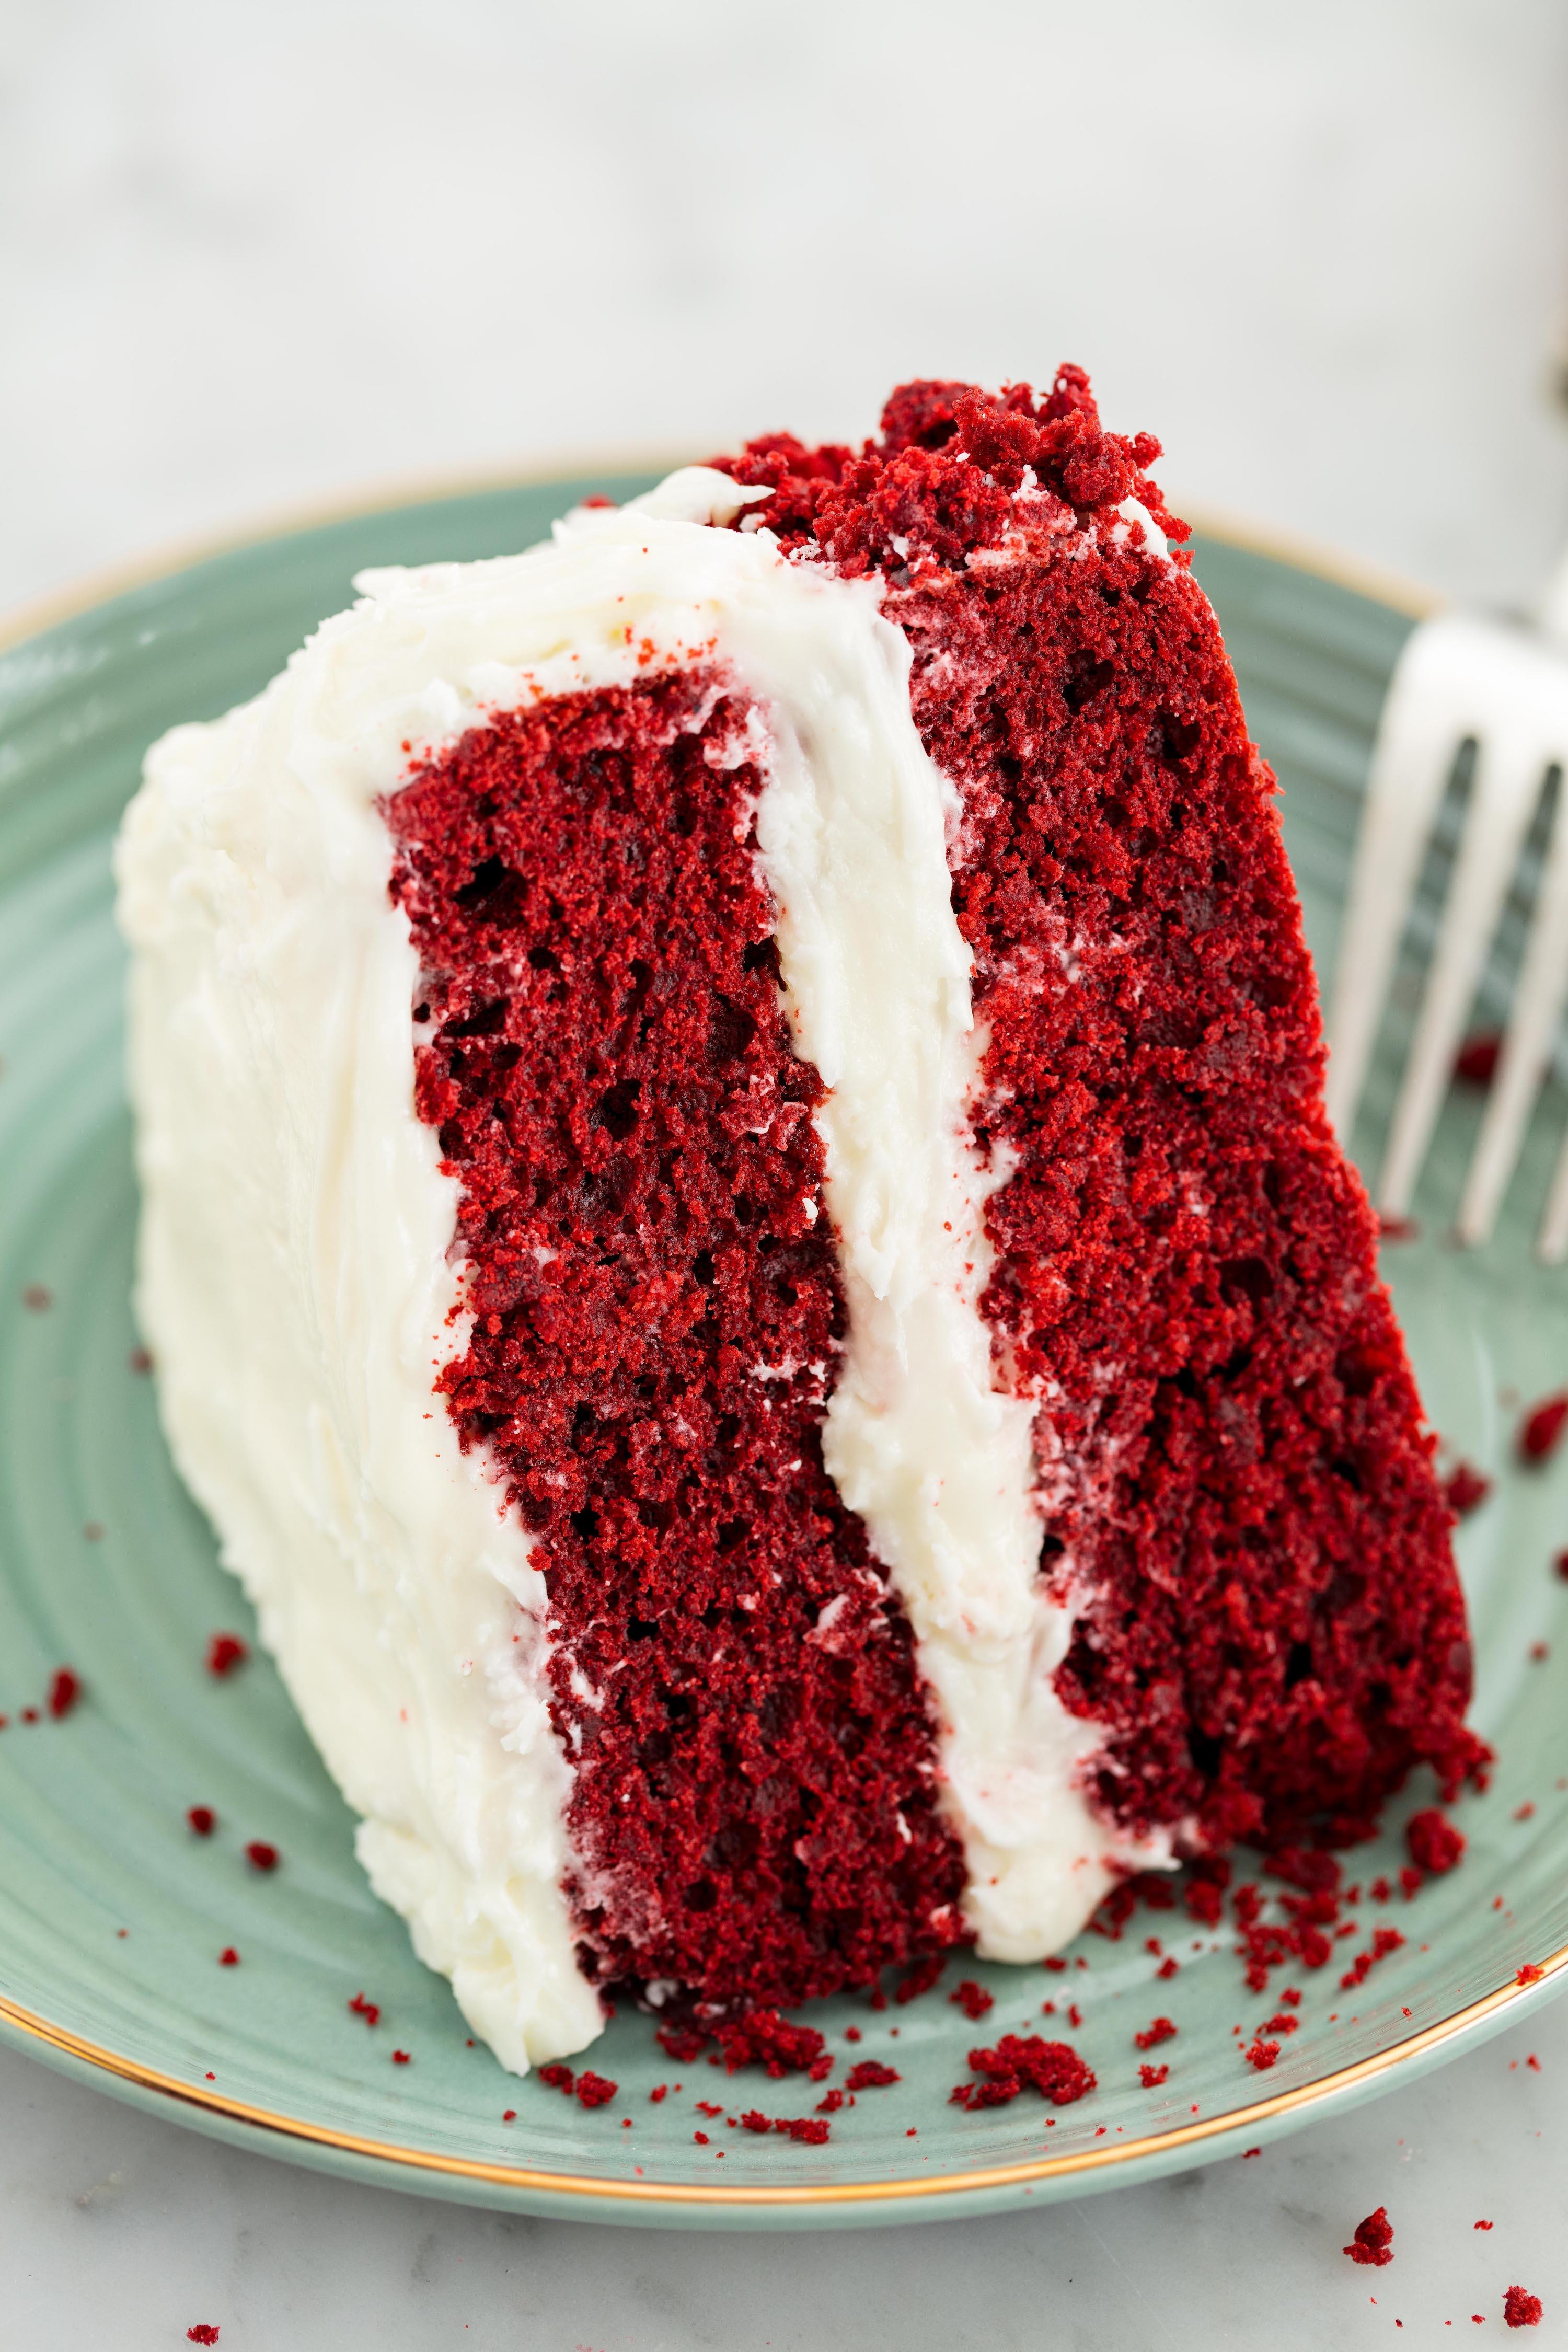 60 Best Red Velvet Desserts Recipes